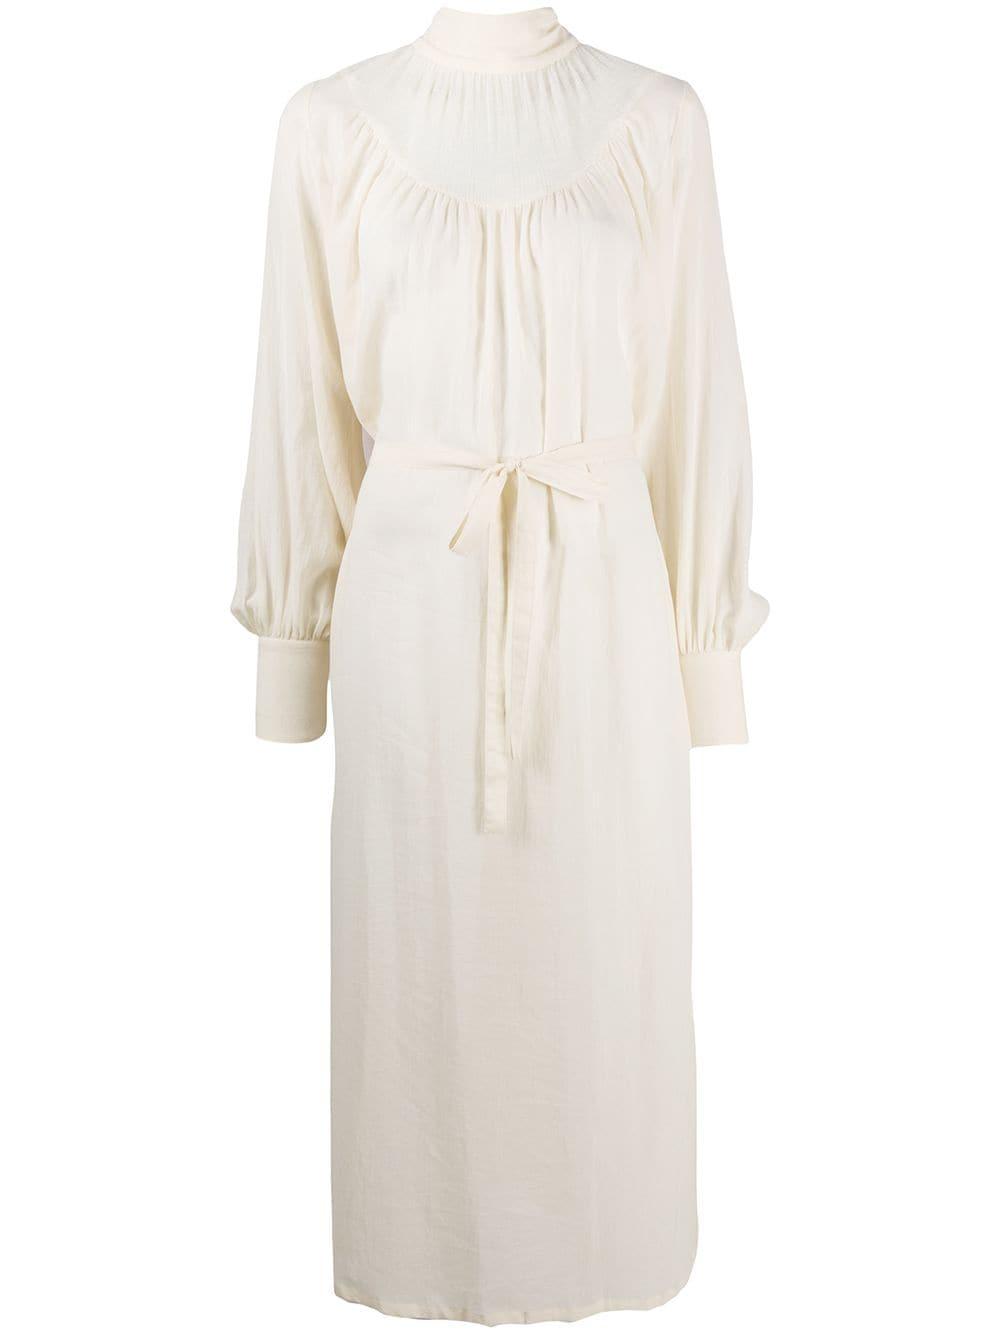 ANN DEMEULEMEESTER | Dress | 2002-2208-P-130002